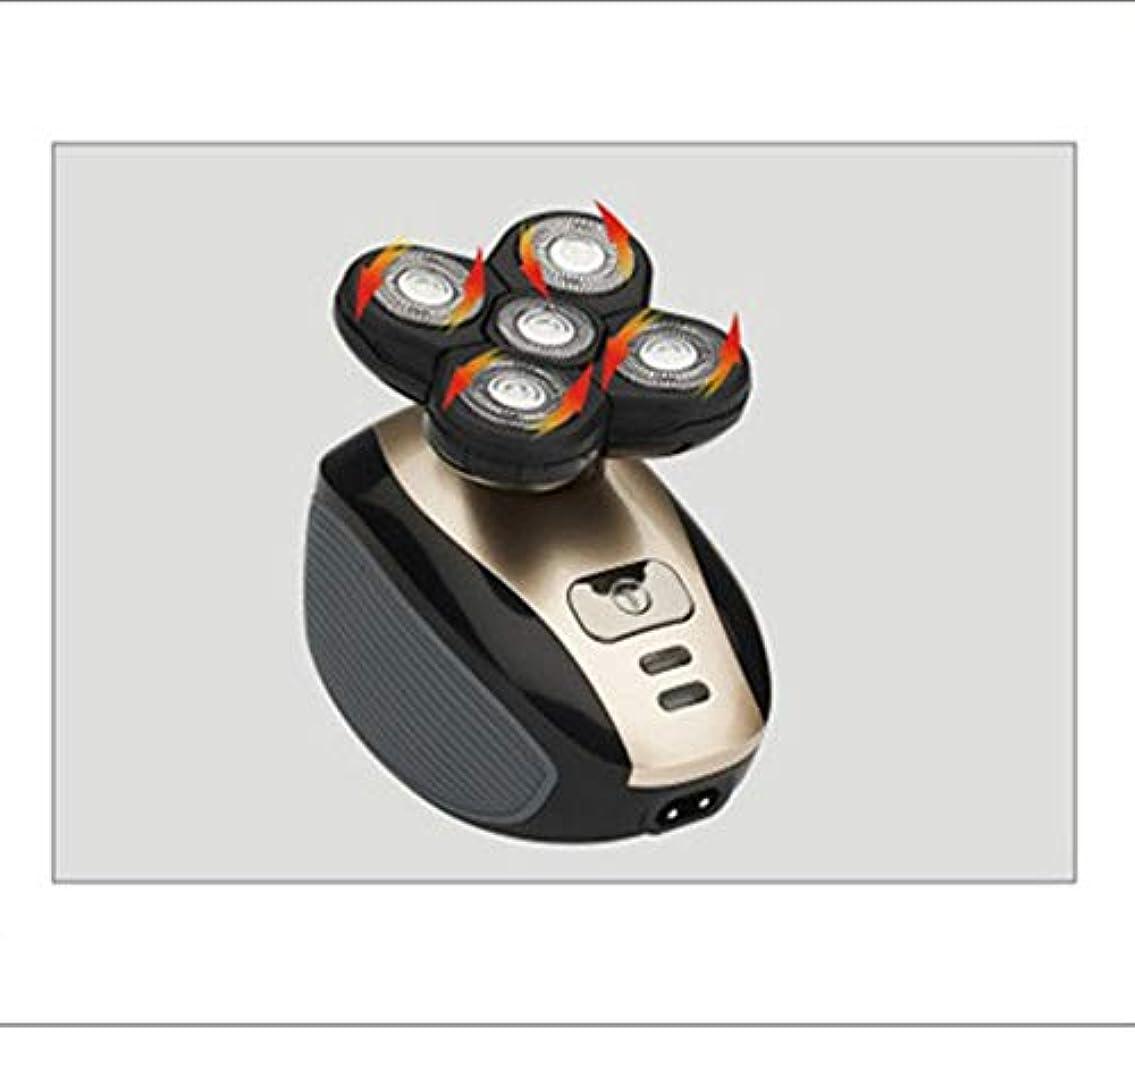 キリマンジャロ膨張する相手電気かみそり、5つのフローティングヘッドを持つ男性用の1つの充電式USB防水5Dロータリーシェーバートリマーグルーミングキット、5人用男性用鼻毛トリマーフェイシャルシェーバードライおよびウェットグルー